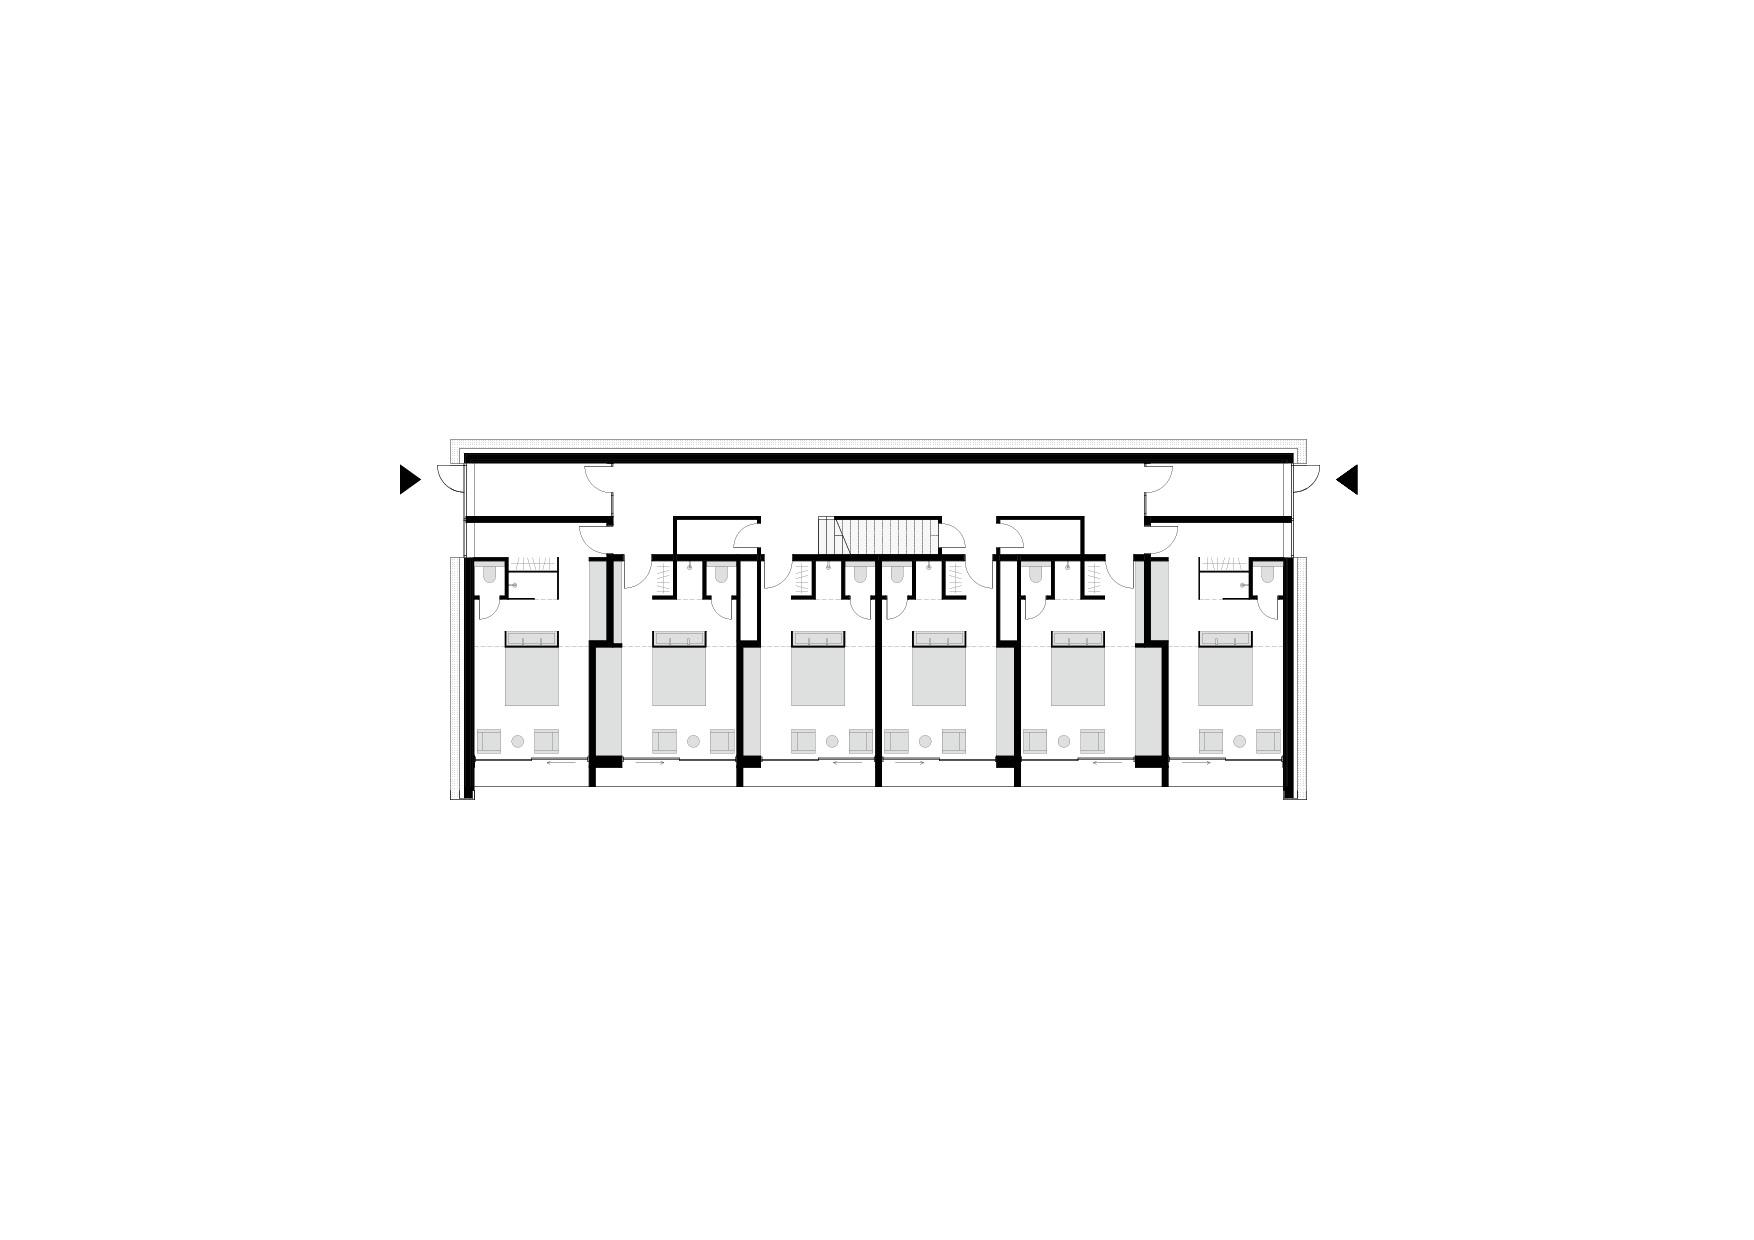 KUBIK Architektur - Studio für Architektur Berlin - architecture - Projekt - Hotel - Parkstudios - Grundriss